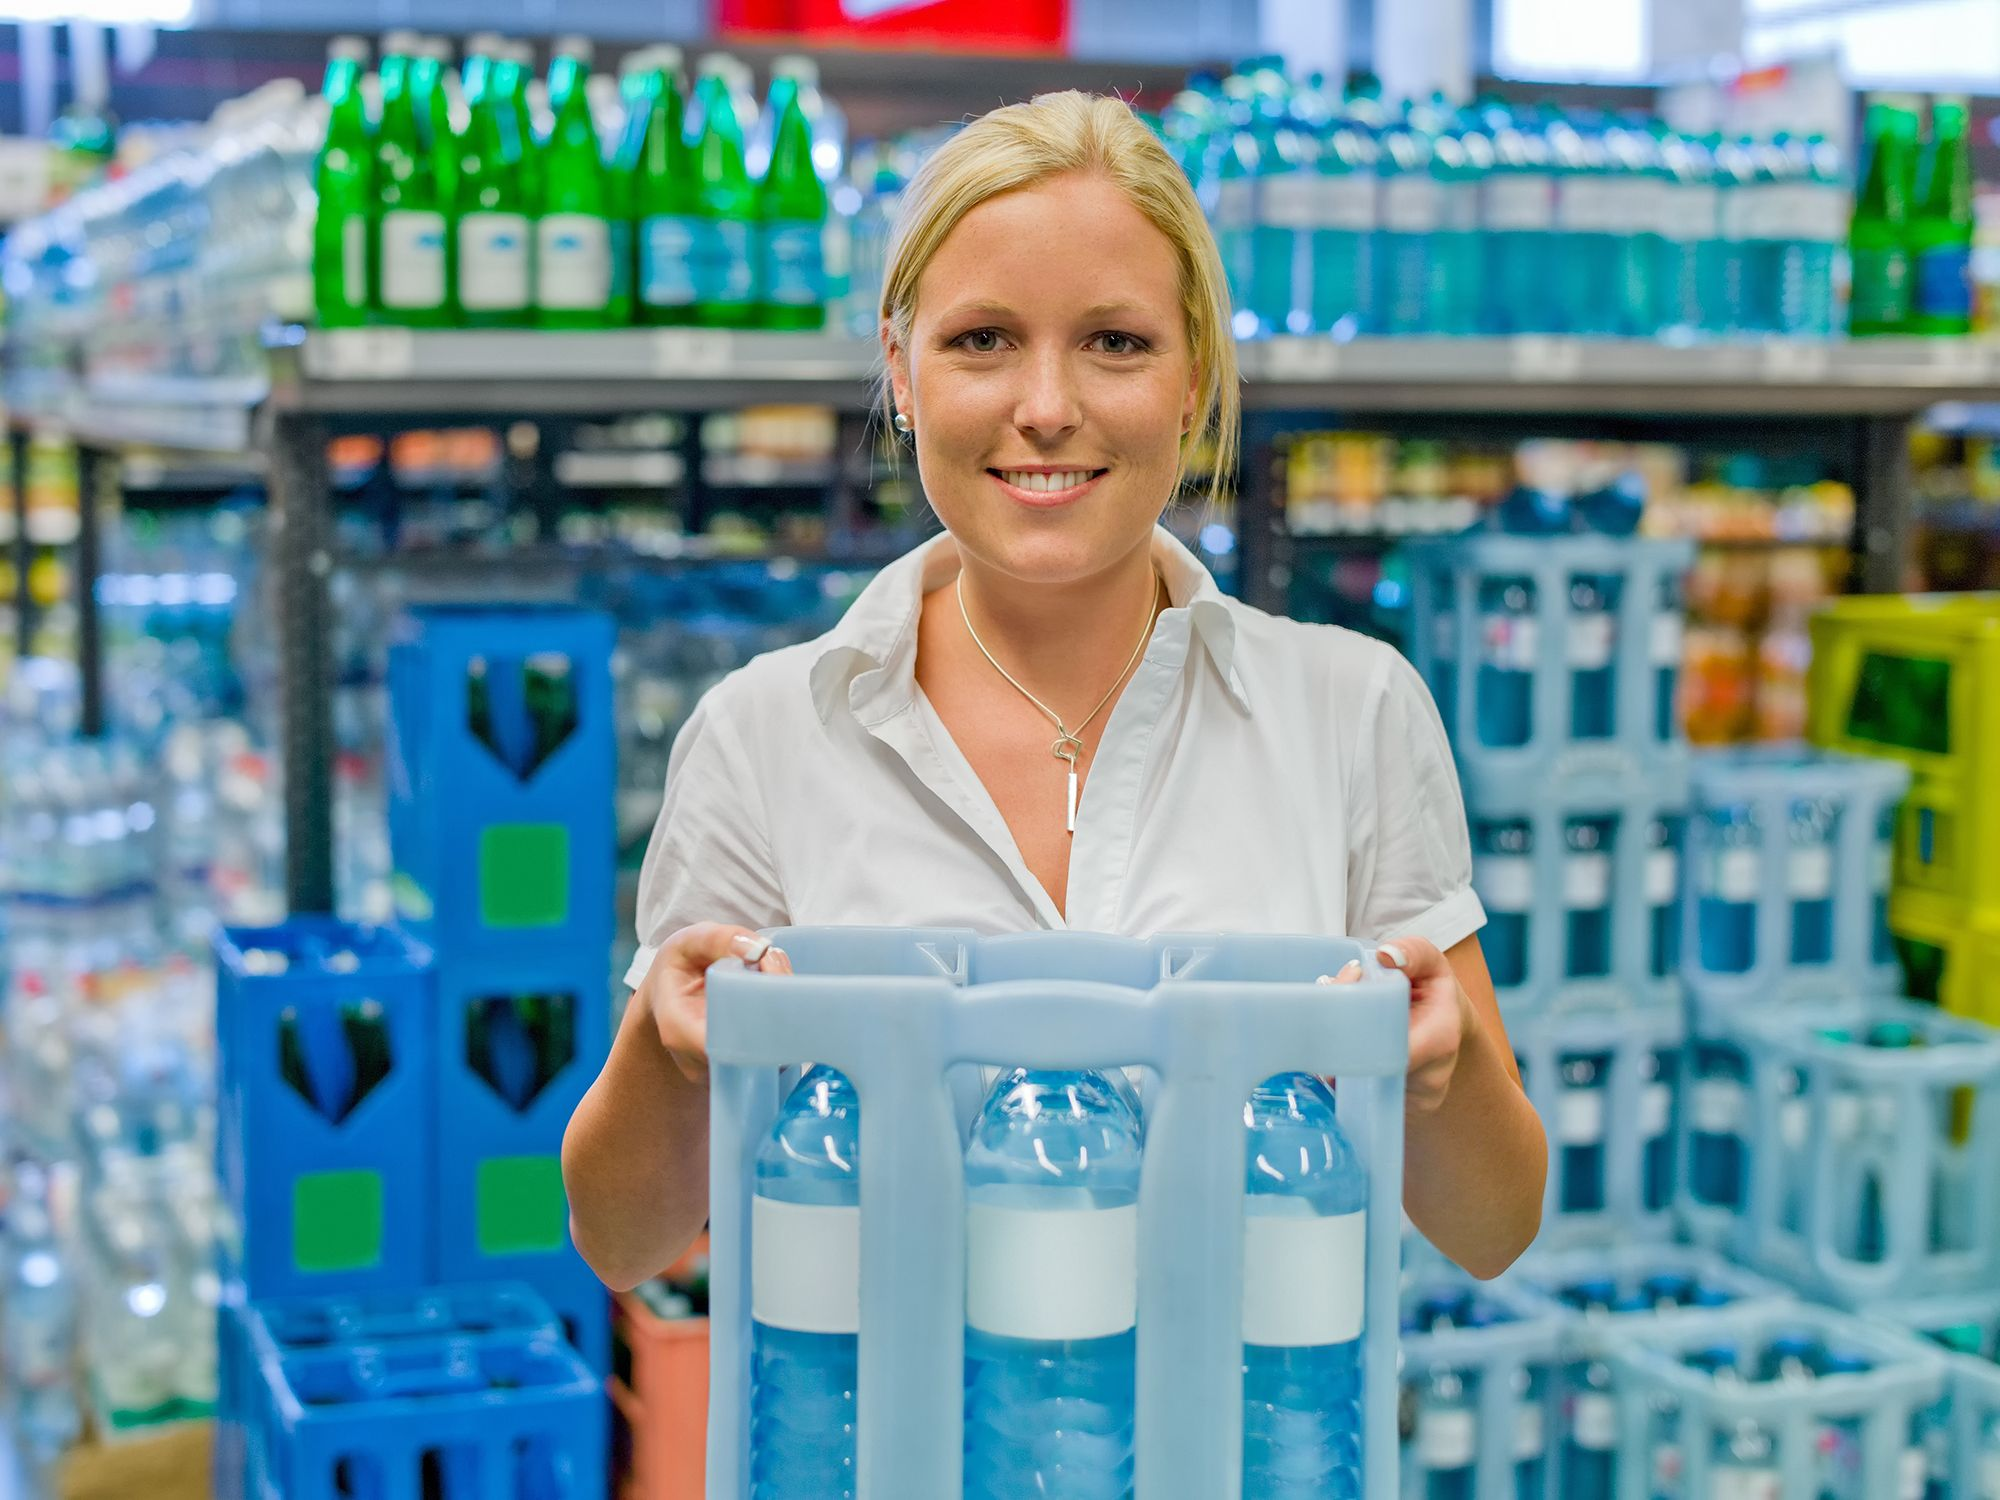 Level 3 - Inventurhelfer wie Lagermitarbeiter, Lagerarbeiter, Aushilfen, Lagerhelfer, Kommissionierer, Inventuraushilfen, Inventurmitarbeiter, Lageristen, Inventurhilfen, Hilfsarbeiter und Rackjobber wie Aushilfen, Rack Shopper und Regalpflegekräfte, Regalbetreuer, Regalauffüller, Regaleinräumer für Regalpflege, Regalservice und Warenverräumer, Lager, Spedition, Logistik, Logistikzentrum, Ladung, Luftfracht, Transportunternehmen, Speditionsversand, Lagerlogistik, Fuhrunternehmen, Materialfluss, Distributionslogistik, Fracht, Sperrgut, Transport, Expressdienst, Transportdienst, Warentransport, Speditionsfirmen, Speditionsunternehmen, Transportwesen, Seefracht, Lagerhallen und Lagerarbeit zwecks direkter Personalvermittlung oder Zeitarbeit per Arbeitnehmerüberlassung und Personalüberlassung für den Einzelhandel, Inventur, Verkaufsinnendienst, Verkaufsabteilung, Barsortiment und Großhandel bei uns als Personalagentur, Zeitarbeitsfirma, Zeitarbeitsunternehmen, Personal-Service-Agentur, Personaldienstleistungsagentur und Leiharbeitsfirma per Arbeitnehmer-Leasing, Arbeitnehmerüberlassung, Arbeitskräfte-Leasing, Arbeitskräfteüberlassung, Arbeitskraftüberlassung, Leiharbeit, Mitarbeiter-Leasing, Mitarbeiterleasing, Mitarbeiterüberlassung, Personaldienstleistung, Personalleasing, Personalüberlassung, Temporärarbeit, Zeitarbeit buchen, mieten, leihen oder langfristig neue Mitarbeiter für Jobs wie Inventur Jobs, Logistik Jobs, Schülerjobs, Ferienjobs, Aushilfsjobs, Studentenjobs, Werkstudentenjobs, Saisonjobs, Vollzeit Jobs, Teilzeit Jobs, Nebenjobs, Temporär Jobs, Gelegenheitsjobs per Personalvermittlung suchen, finden und vermittelt bekommen.